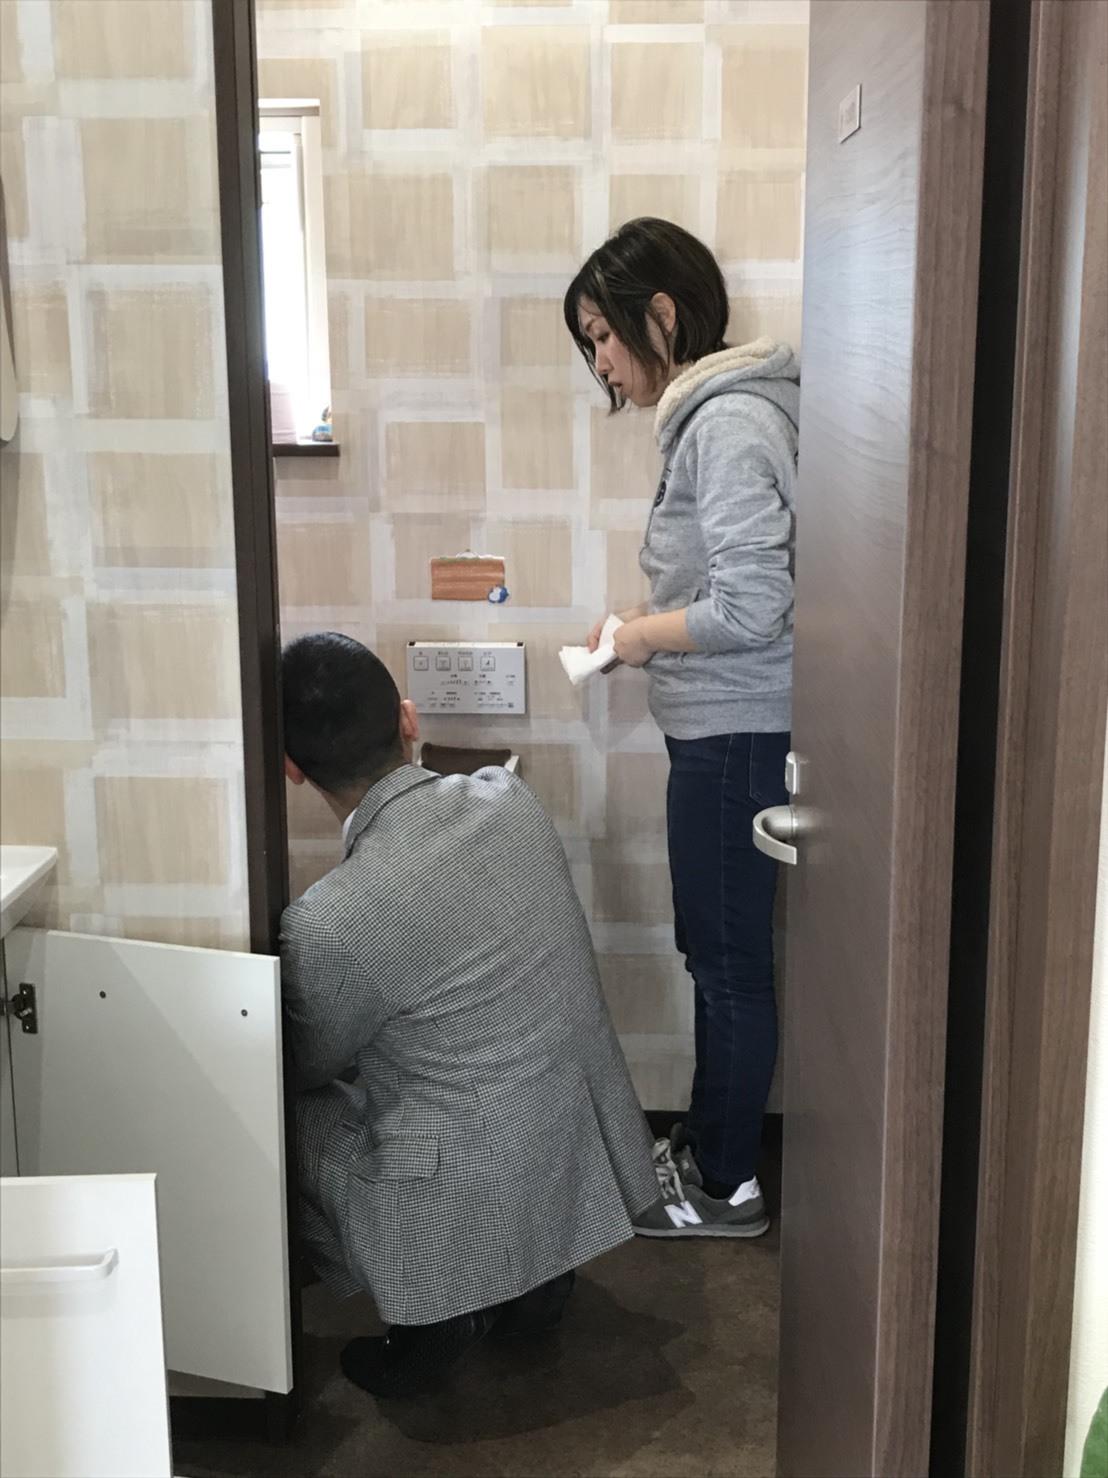 3月30日(土)本店ブログ☆ランボルギーニウルス到着♡ランクル ハマー レクサス☆ローンサポート_b0127002_15540778.jpg